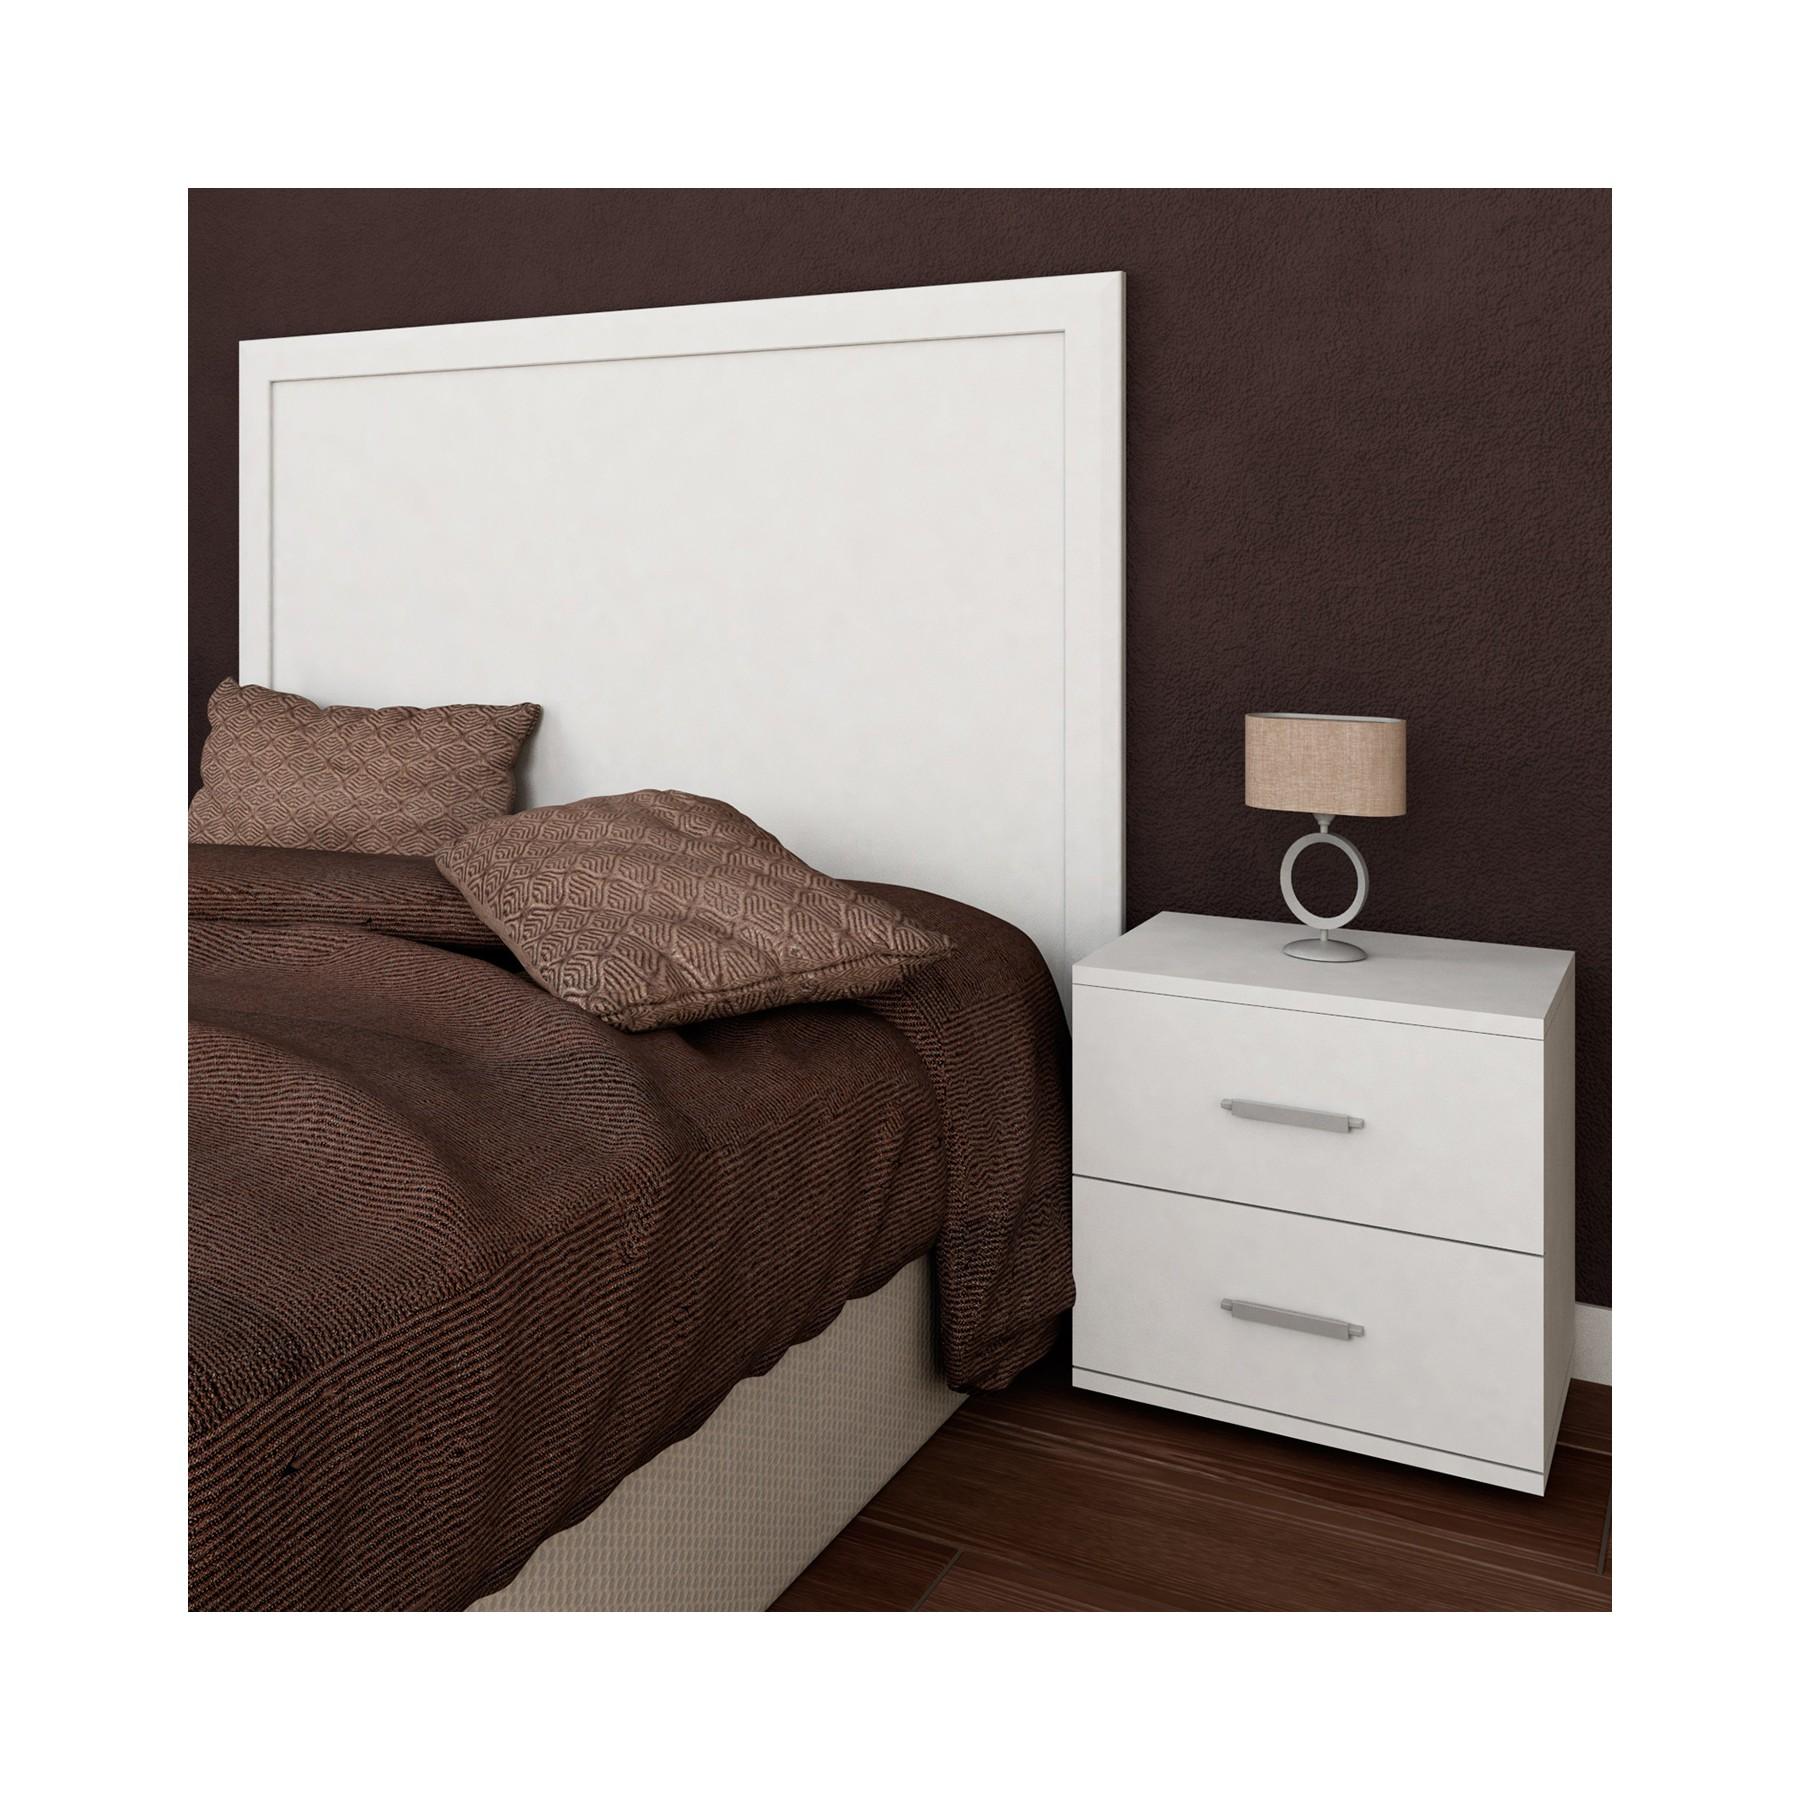 Pack de muebles para dormitorio de matrimonio look ii con for Conjunto habitacion matrimonio